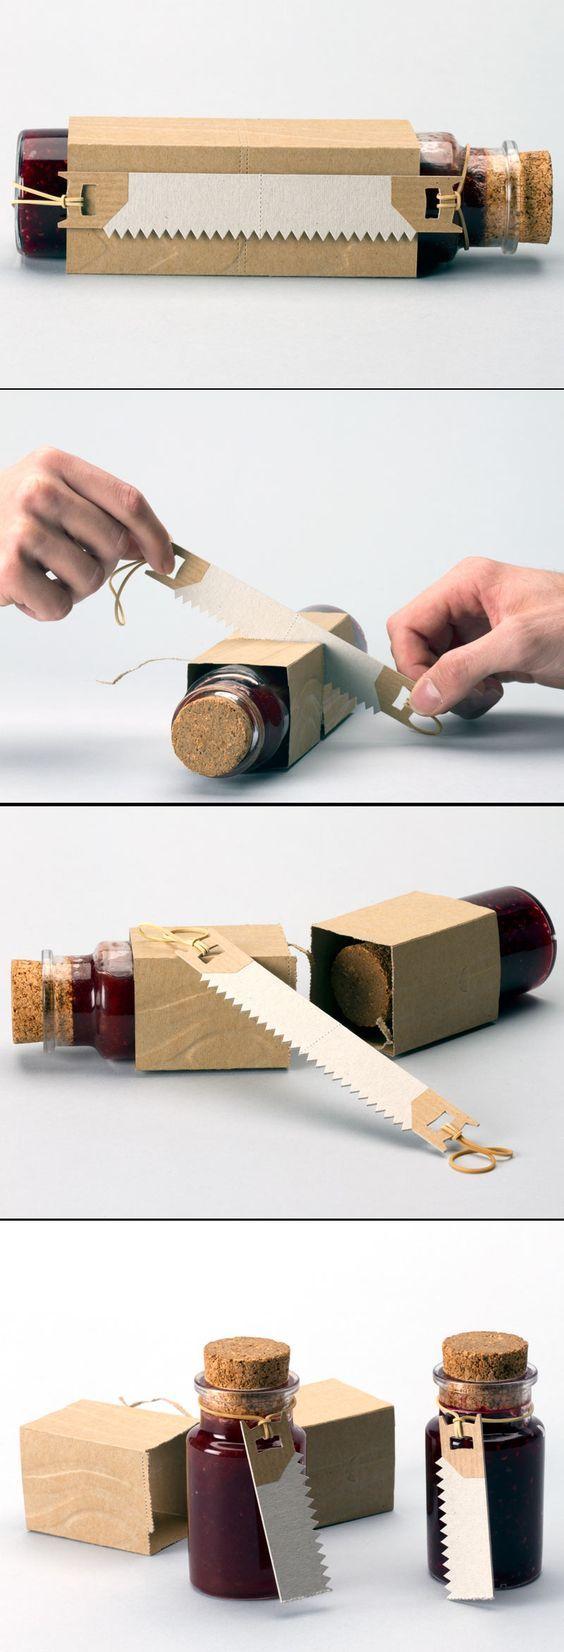 Un packaging con mucha #creatividad! en Packaging con cartón originales y divertidos https://www.silocreativo.com/packaging-carton-originales-divertidos/